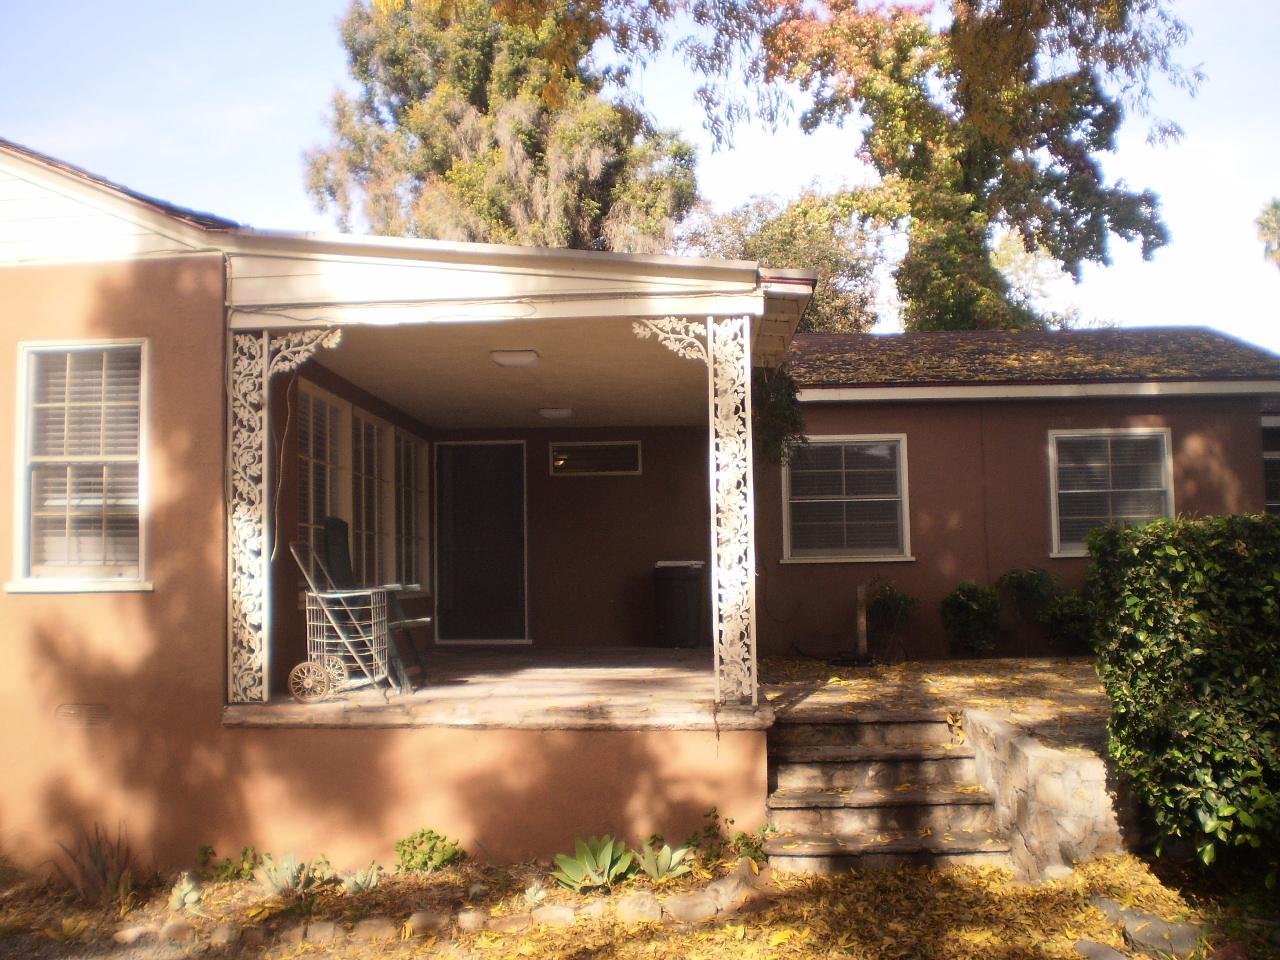 Apartment for Rent in Escondido